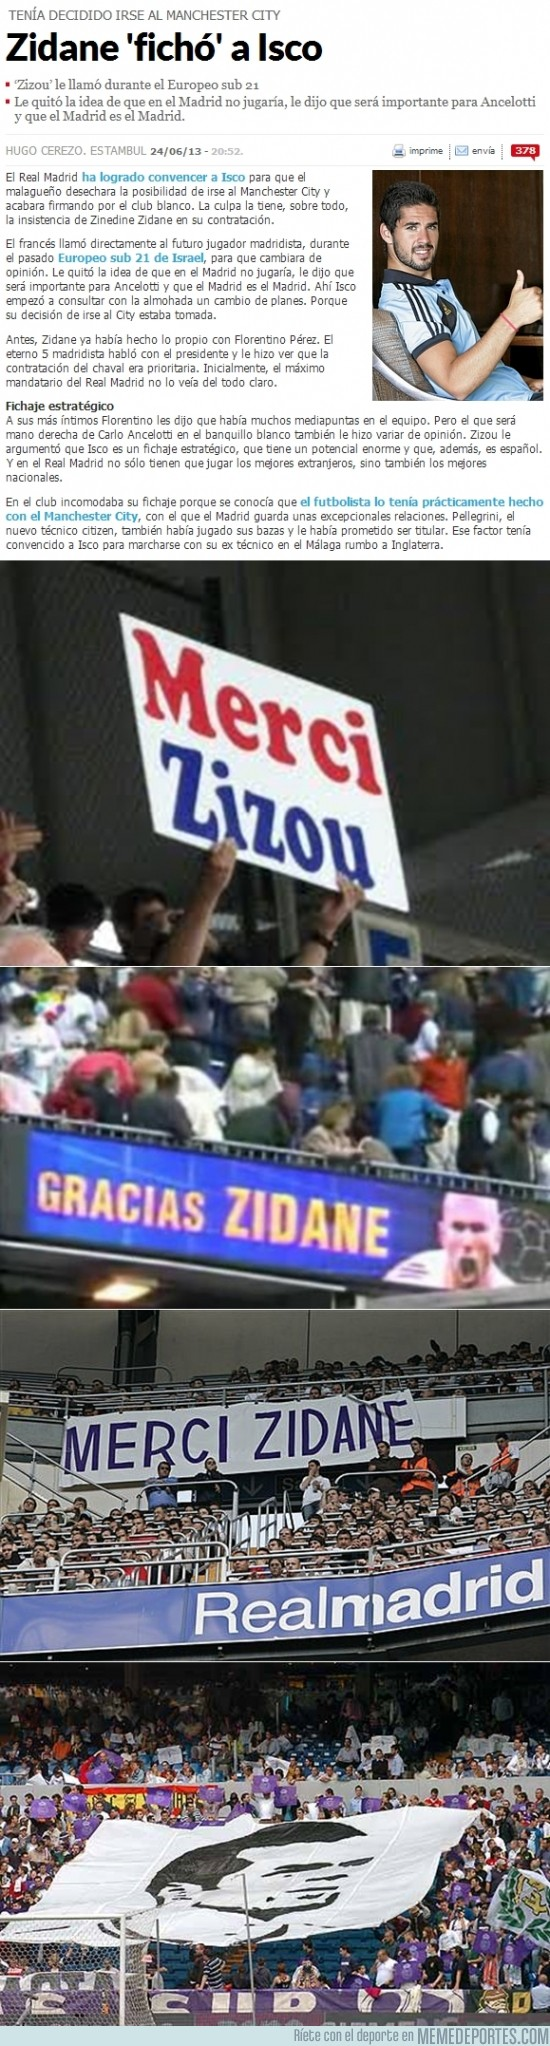 155455 - ¡GRACIAS A ZIZOU!